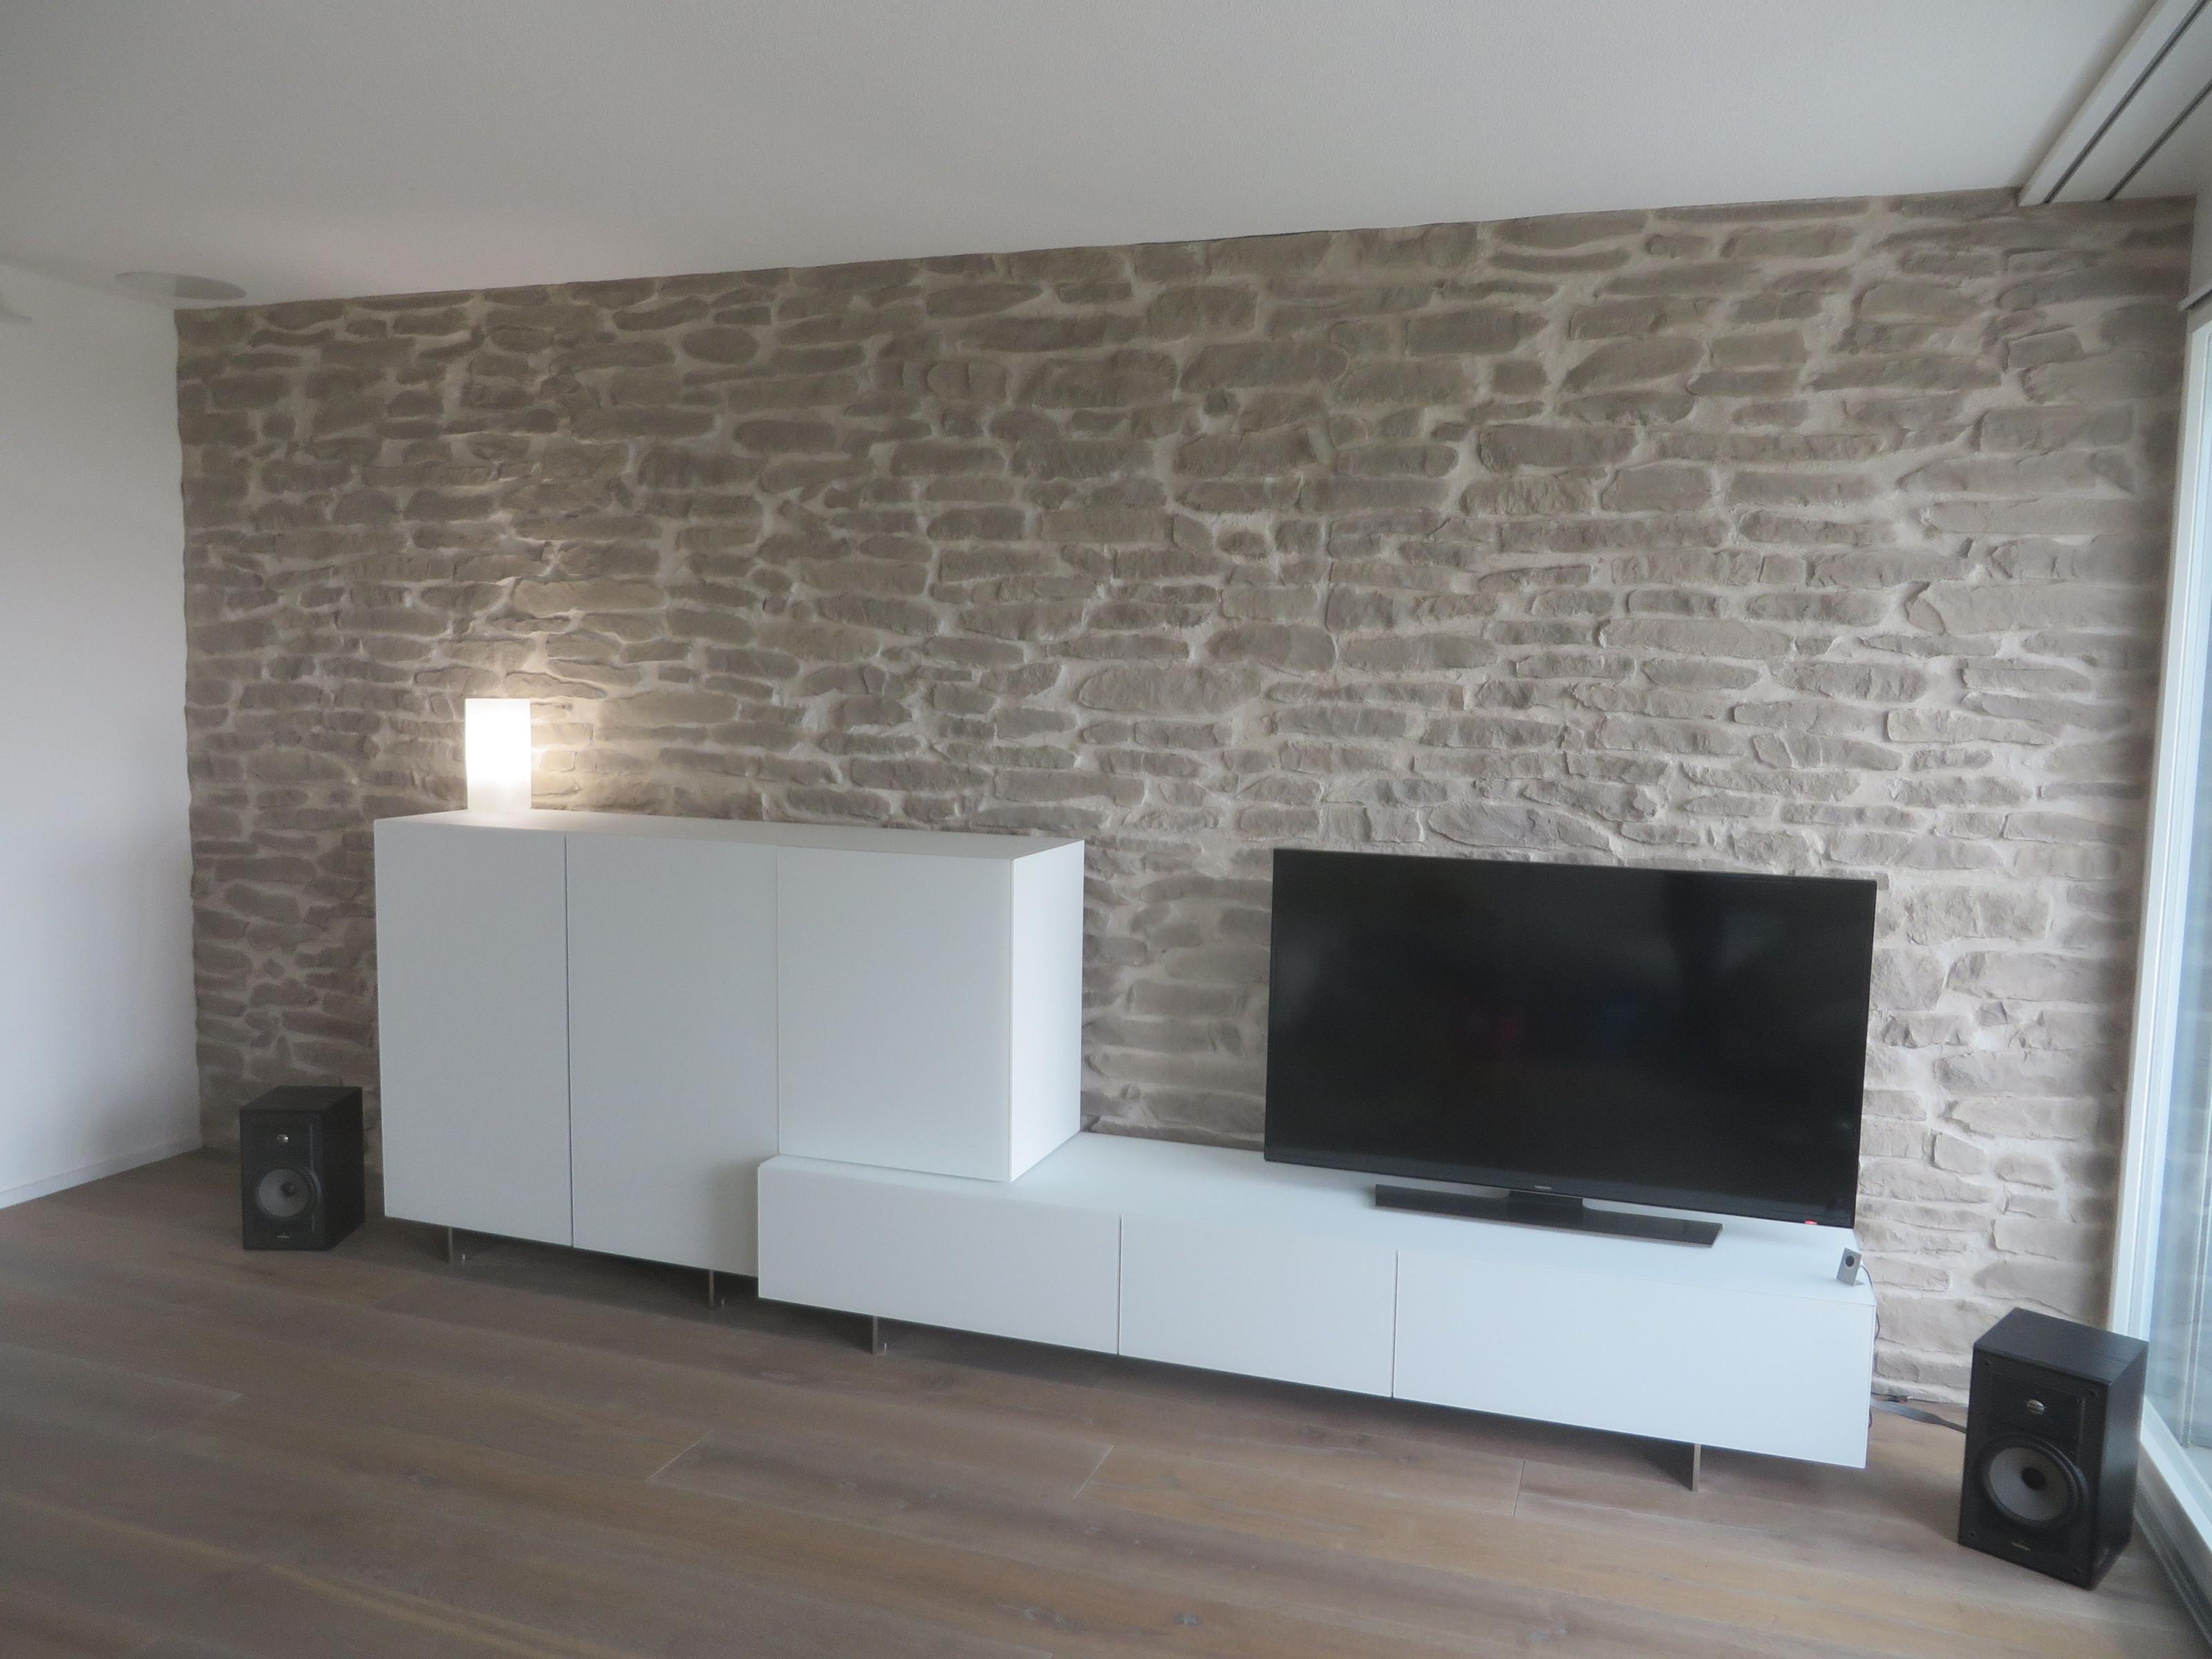 Wohnzimmerwand Steinoptik Lajas  Wandgestaltung Wohnzimmer von Wandgestaltung Wohnzimmer Ideen Bild